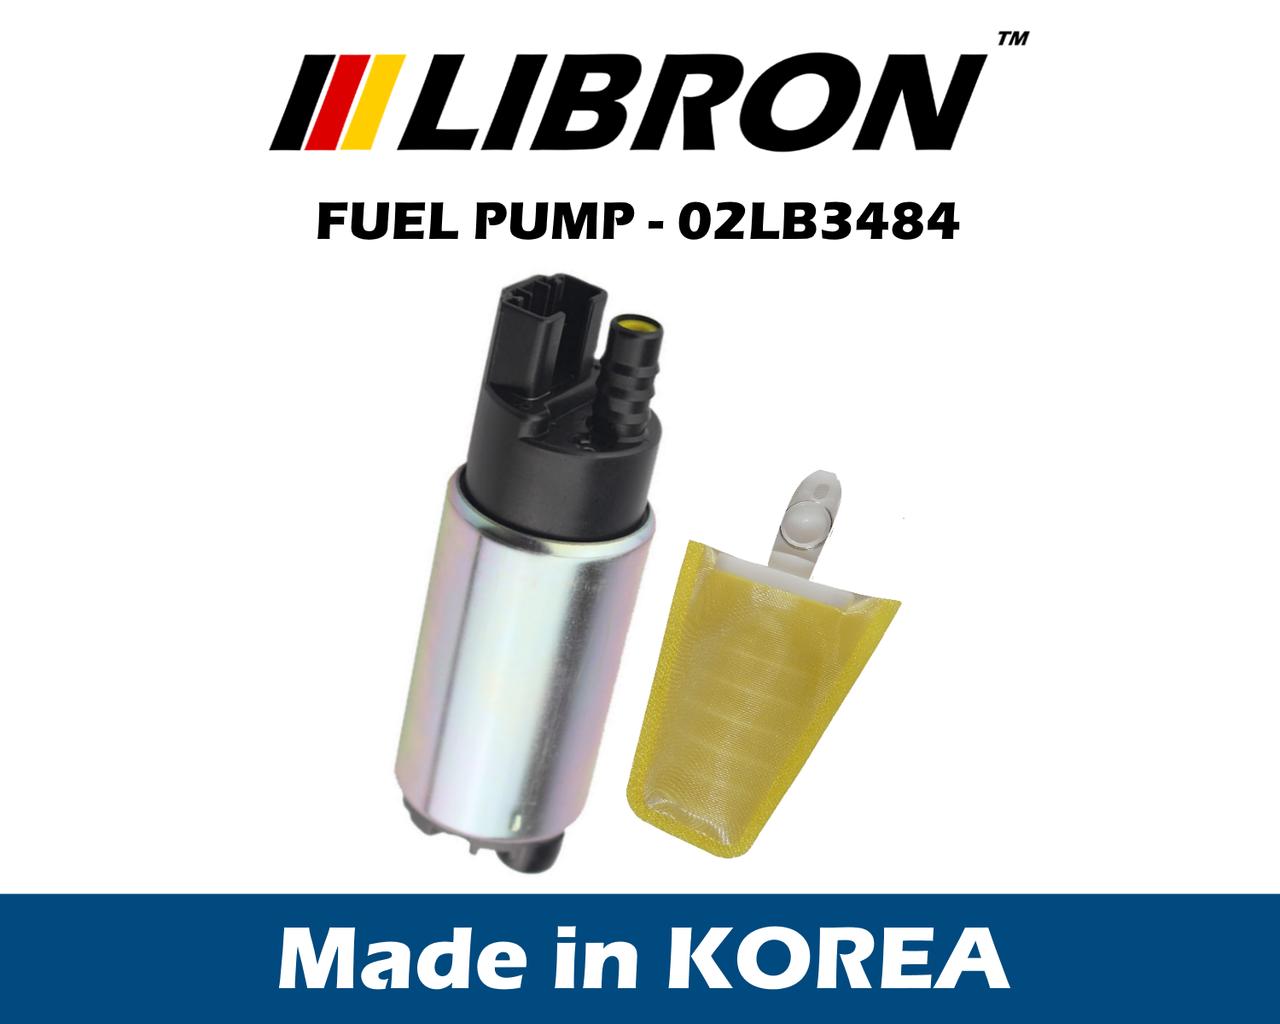 Топливный насос LIBRON 02LB3484 - SUBARU LEGACY I универсал